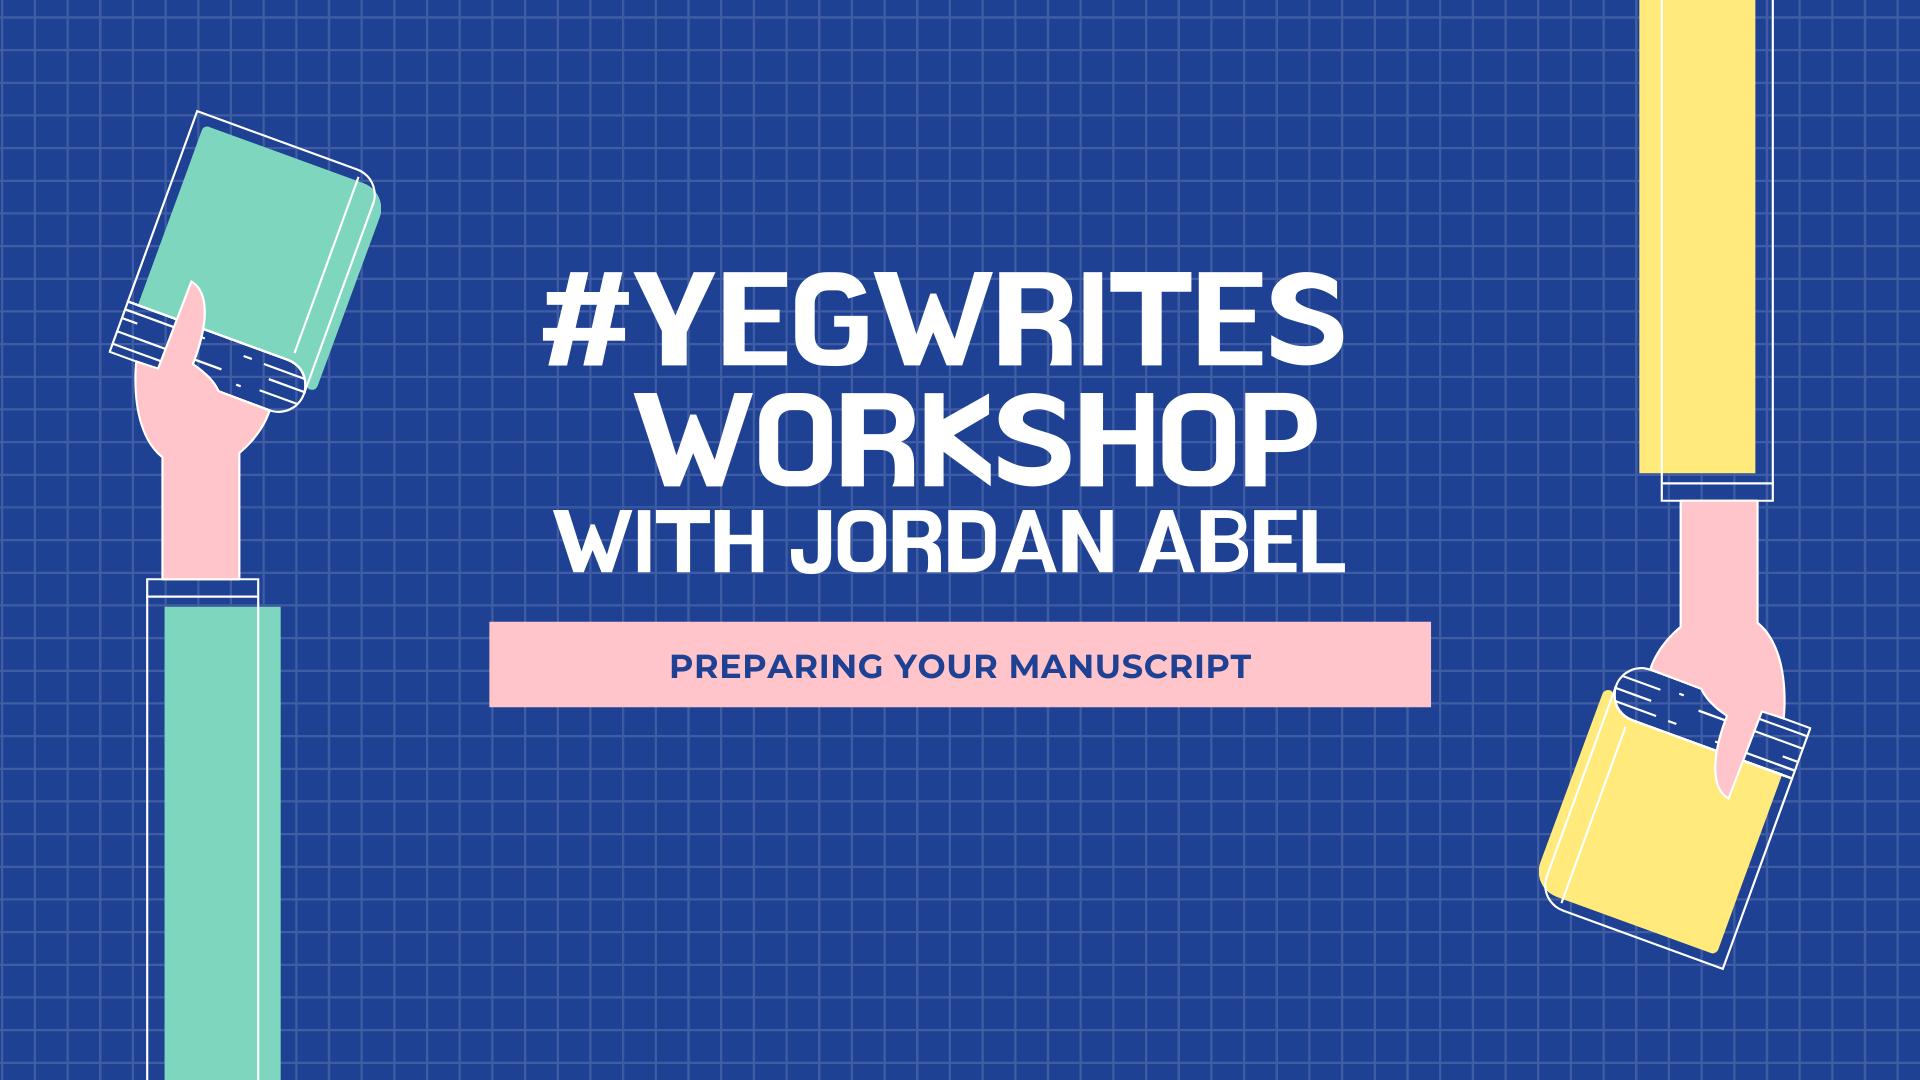 Preparing Your Manuscript with Jordan Abel